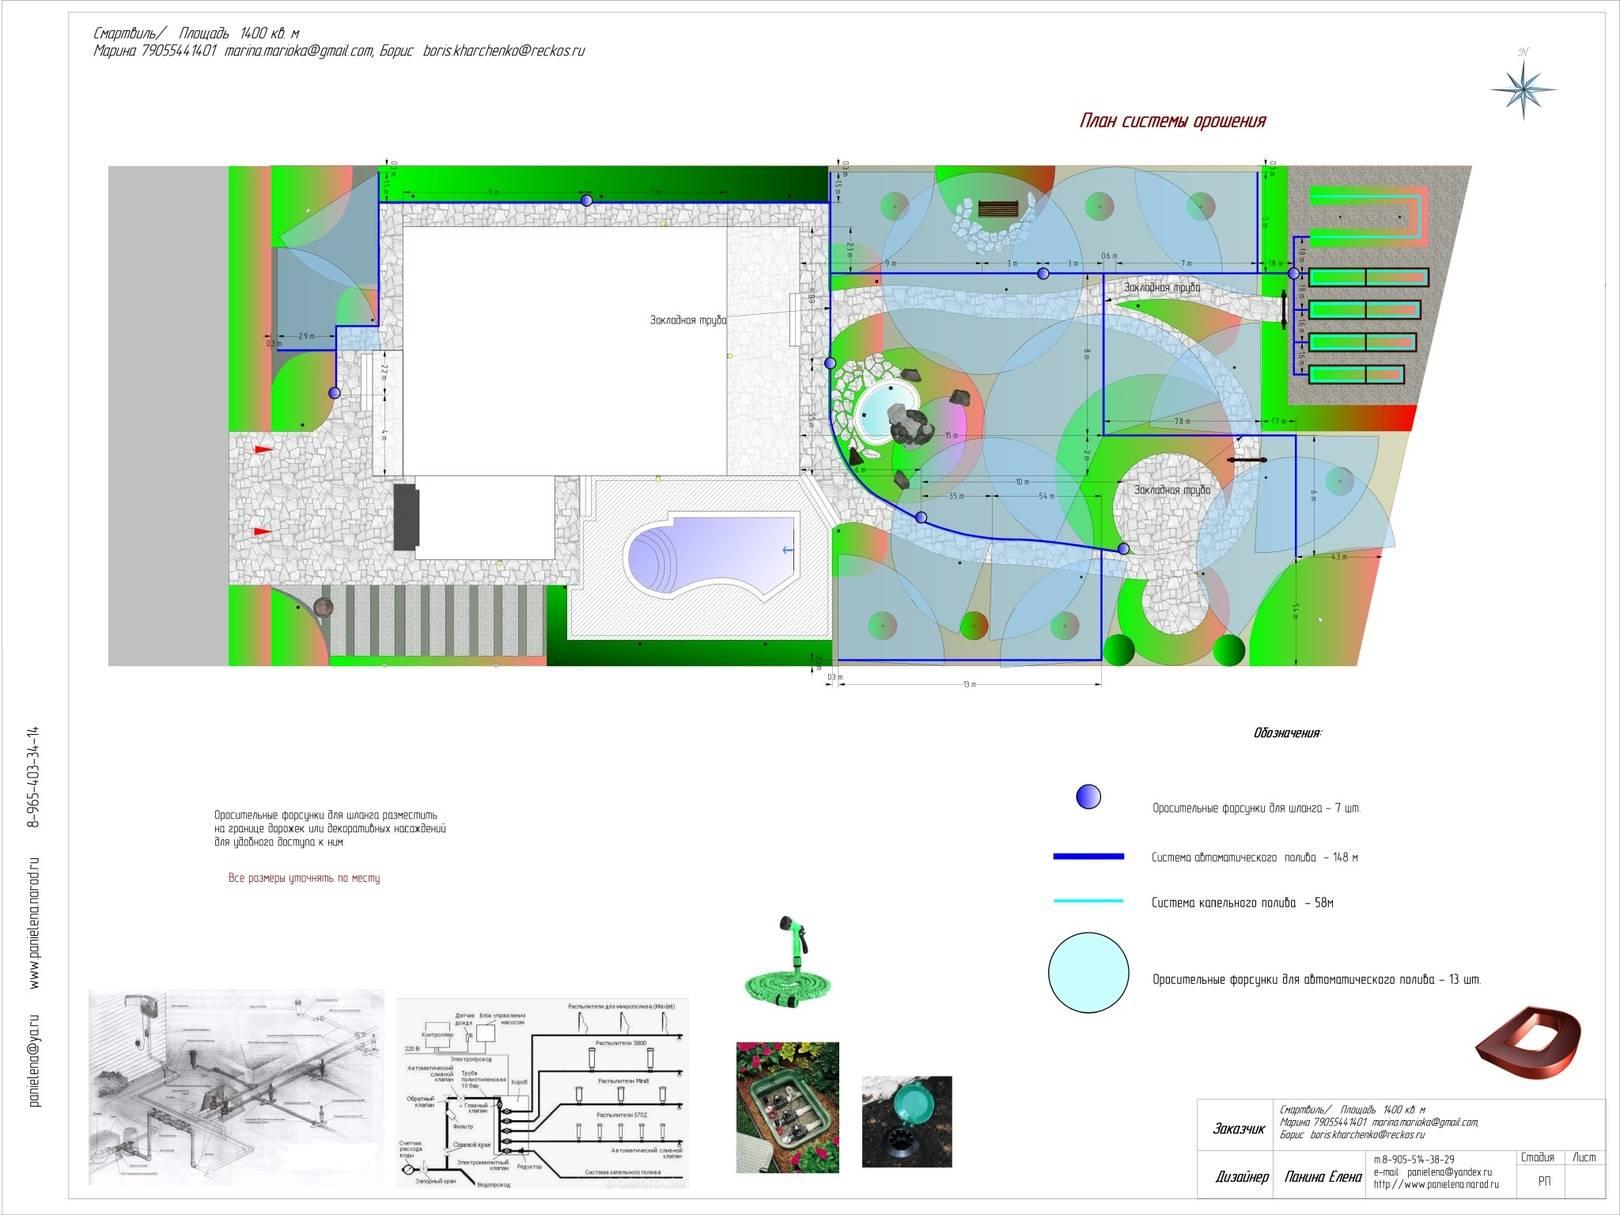 Ландшафтный дизайн дачного участка 14соток, 2018г. Смартвиль, Дмитровское направление. План полива